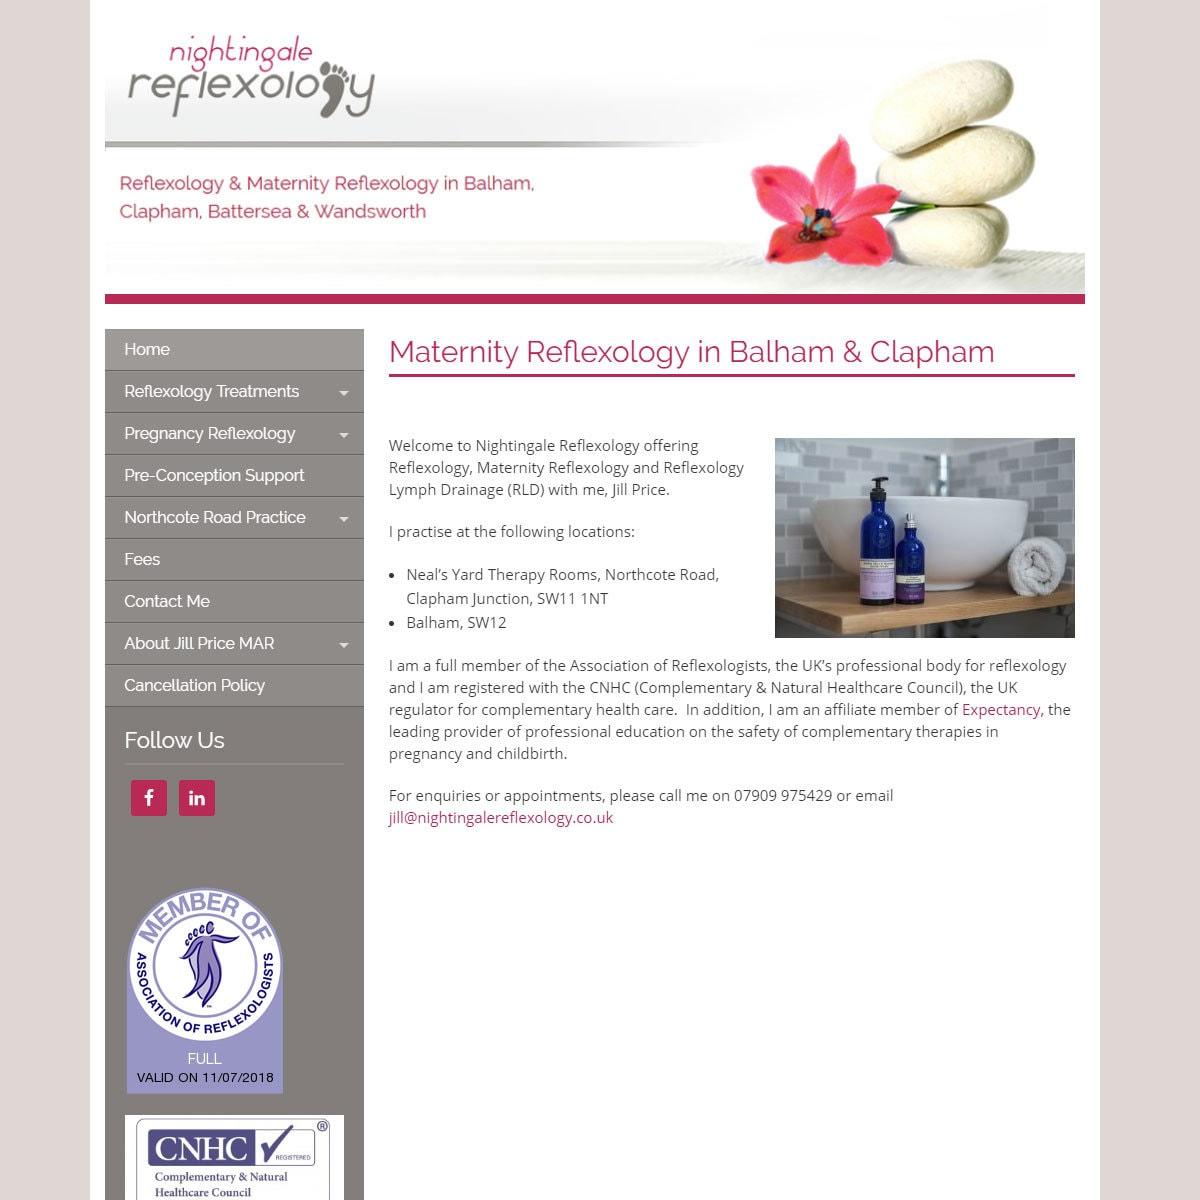 nightingalereflexology